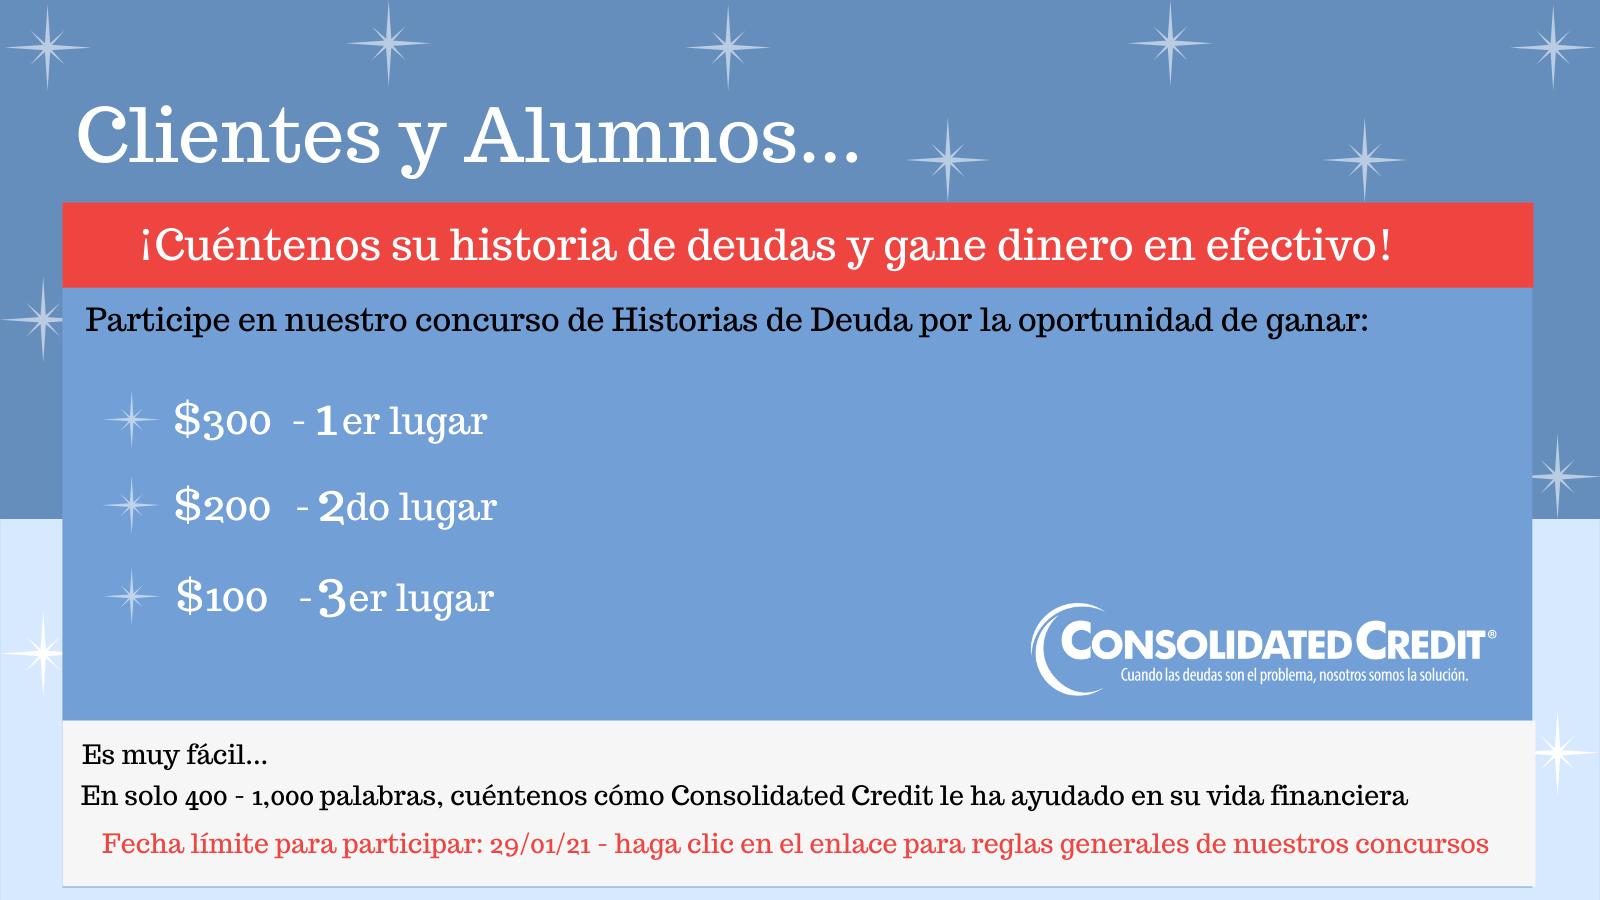 Los clientes y ex alumnos podrían ganar hasta $300 por compartir su historia de liberación de las deudas en nuestro concurso.